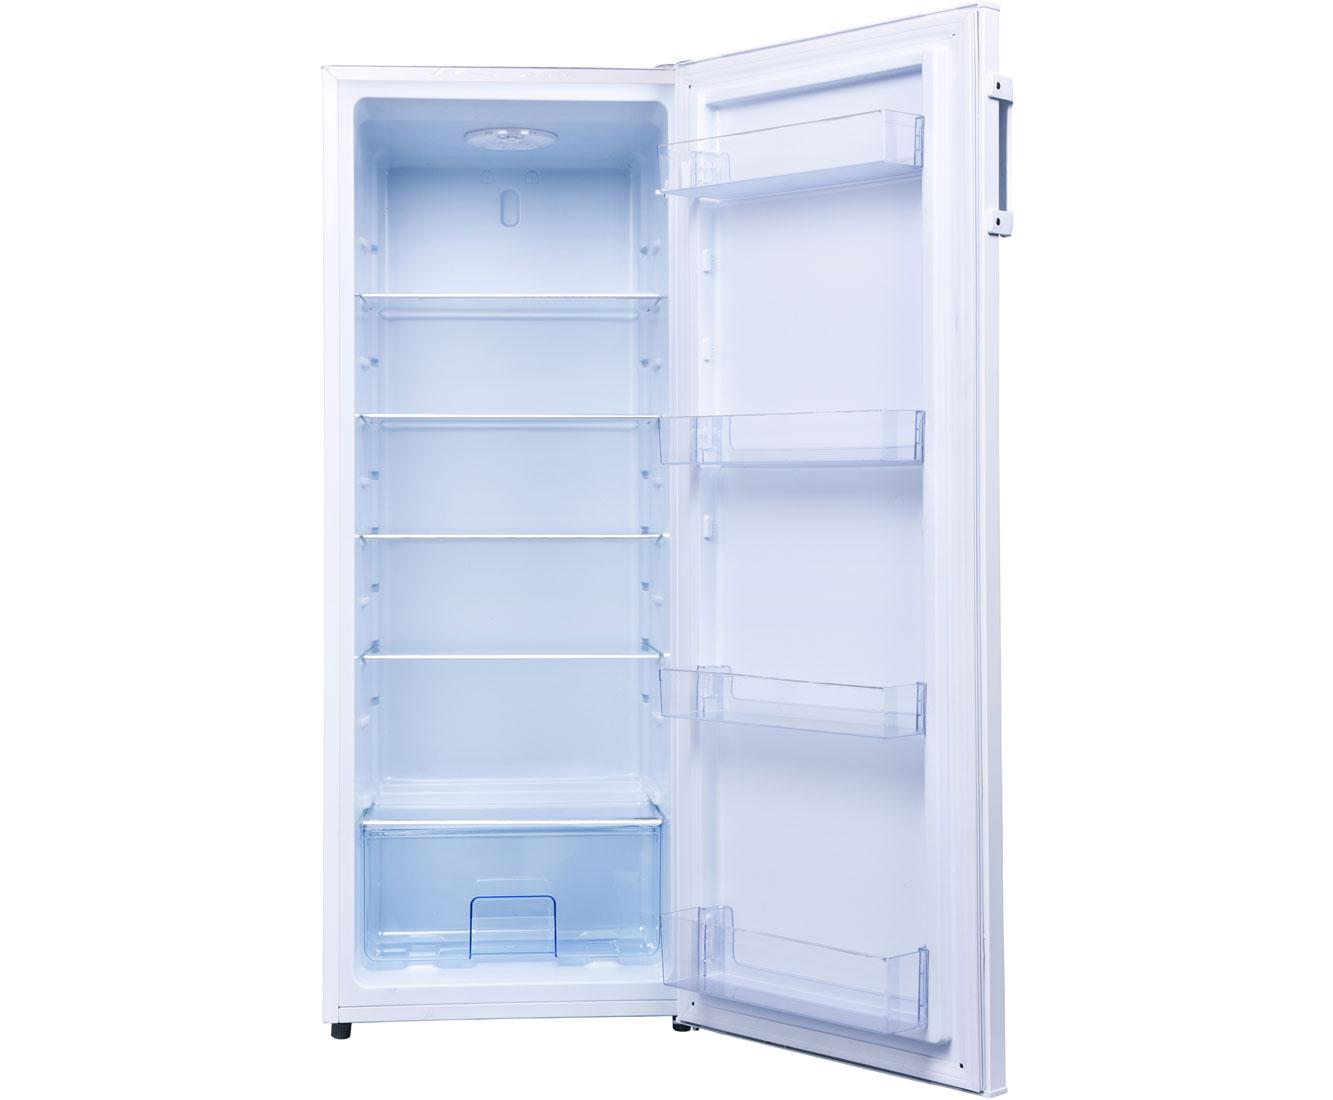 Amica Kühlschrank French Door : Amica kühlschrank test kühlschrank modelle